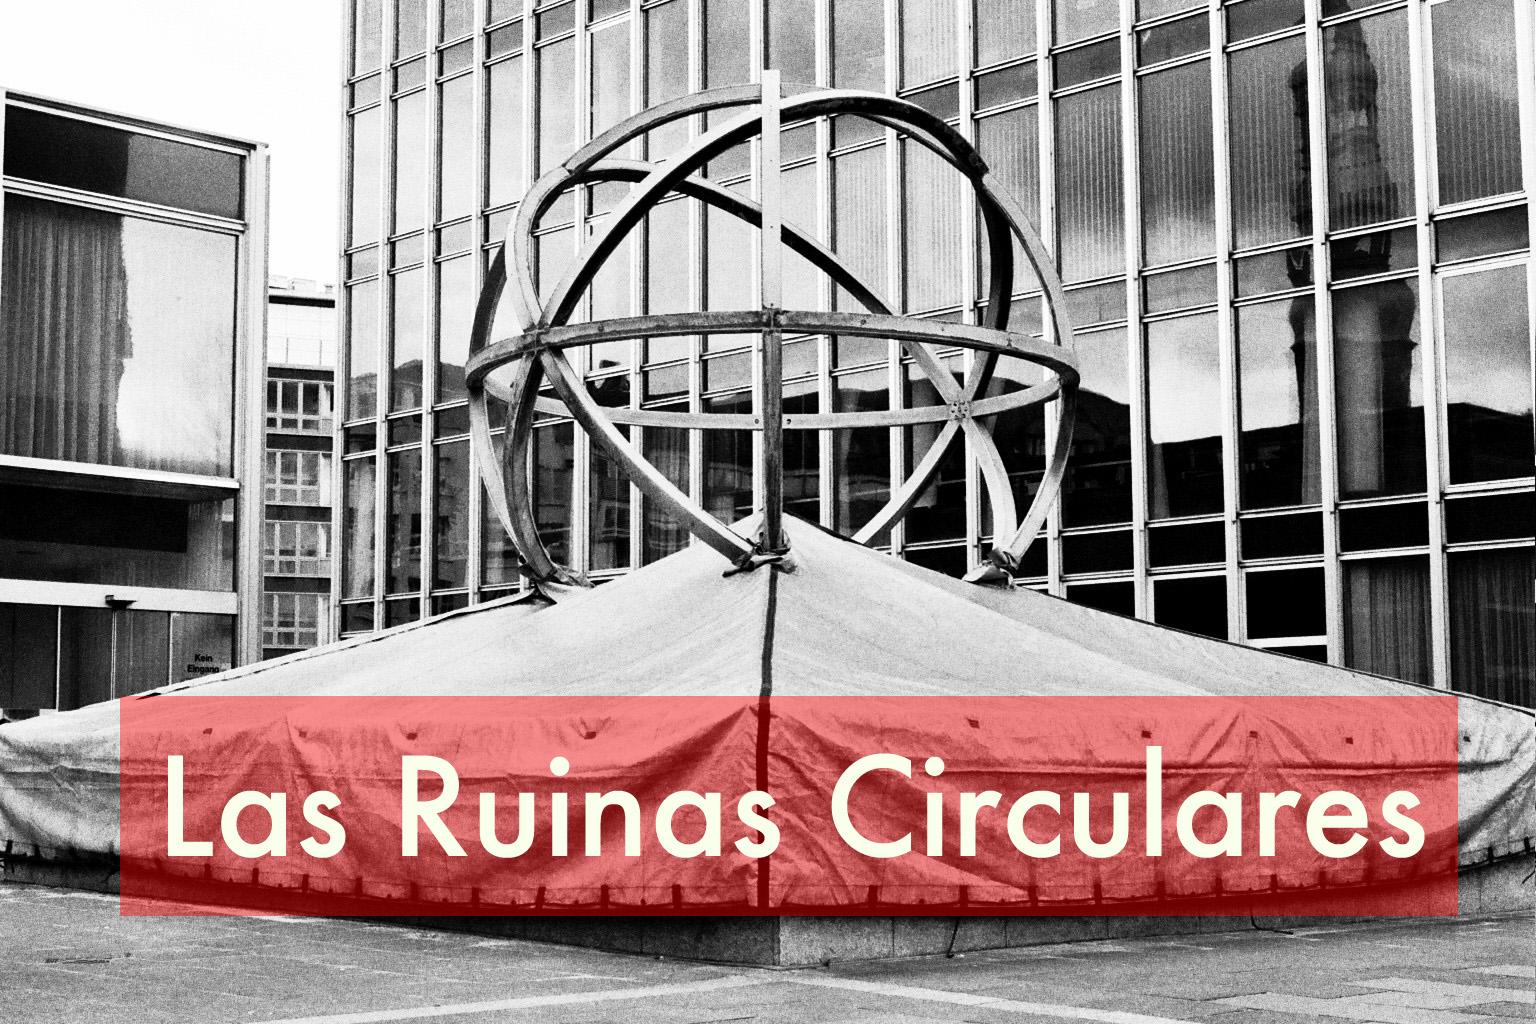 Las ruinas circulares